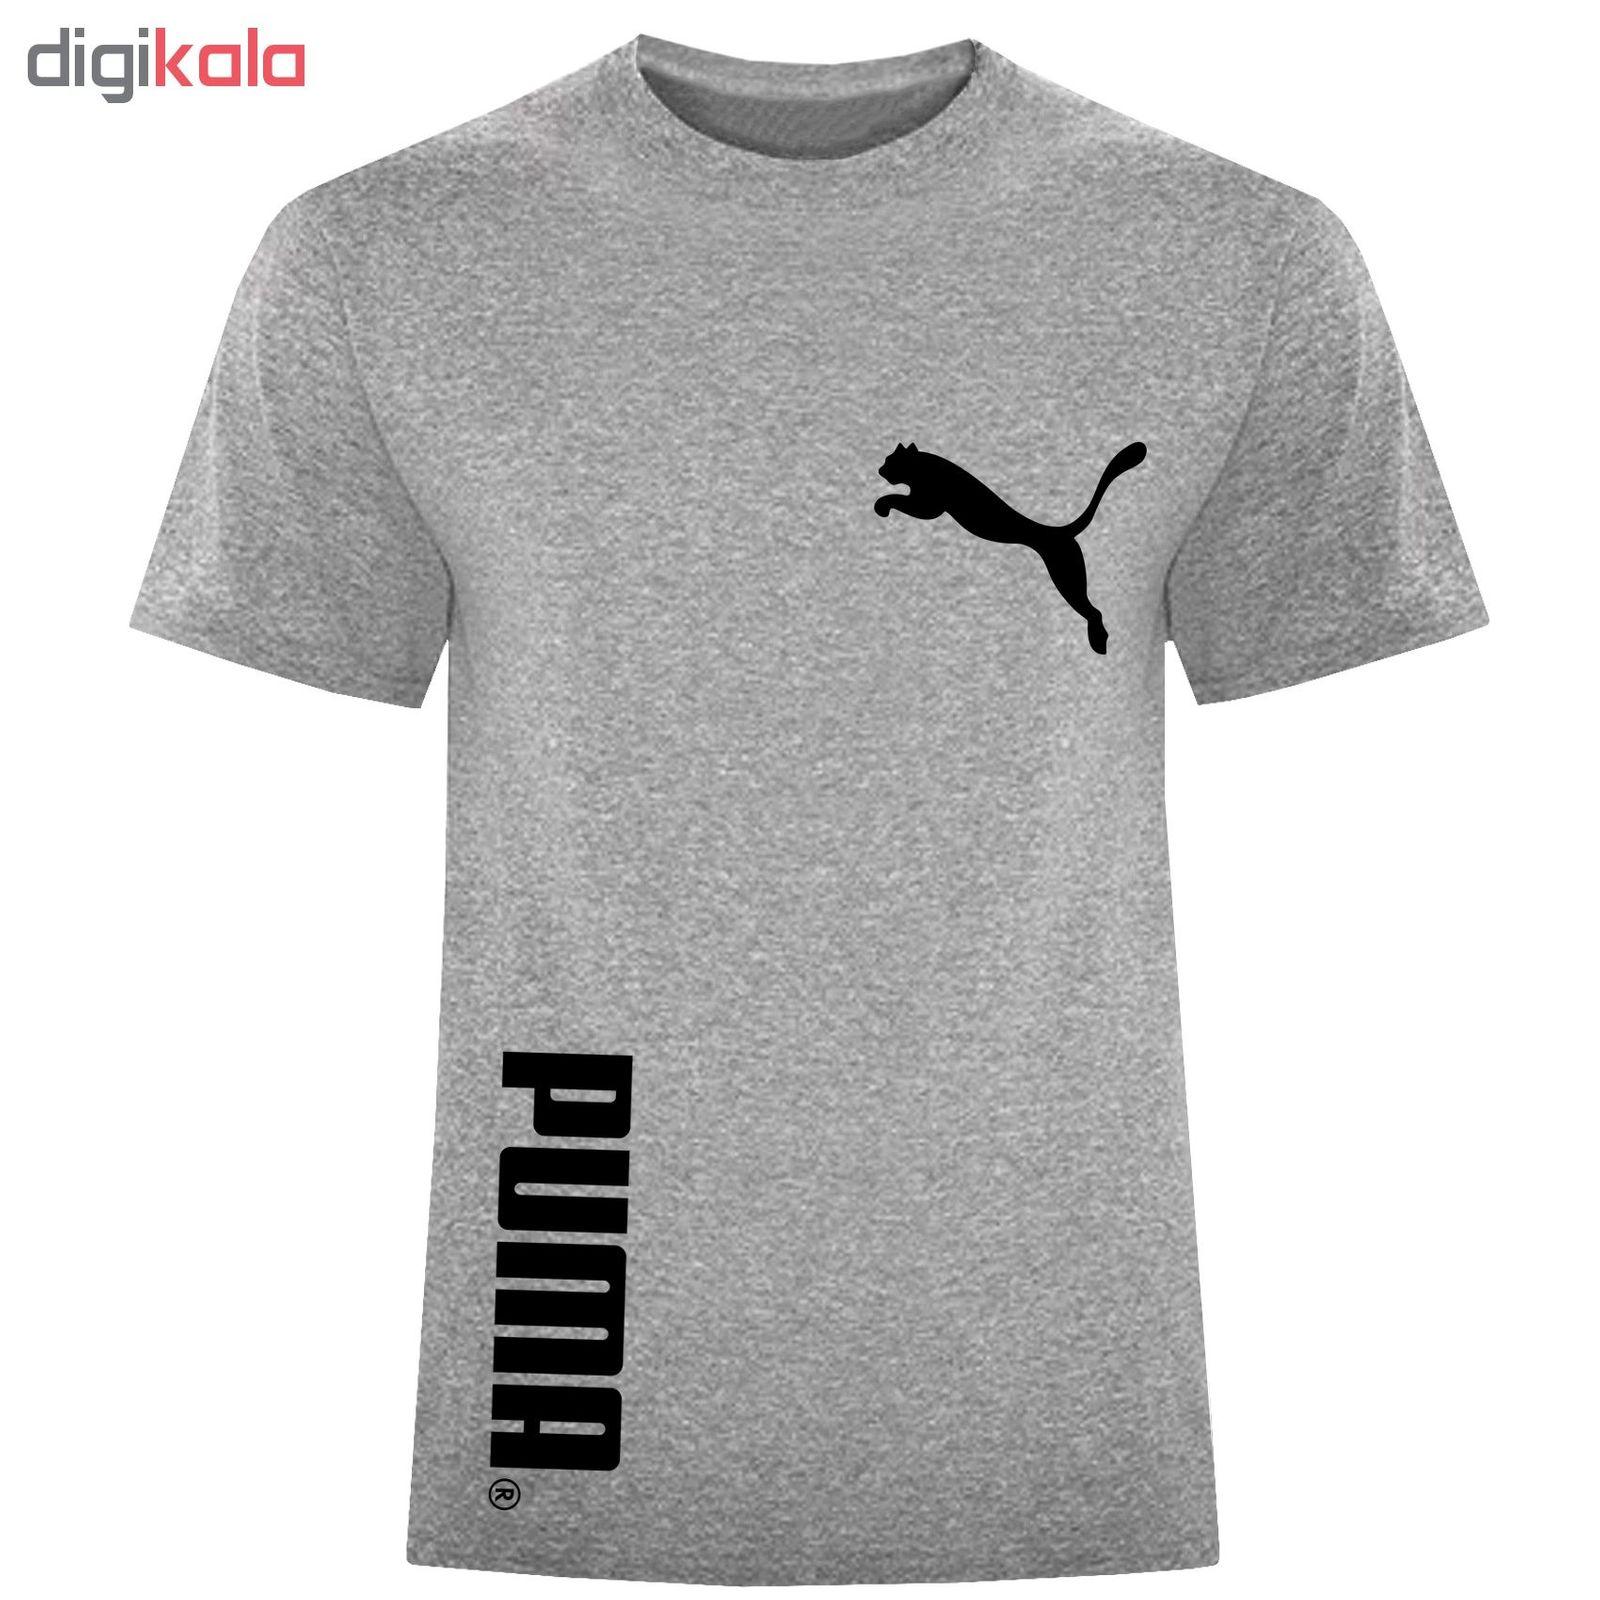 تی شرت مردانه کد S179 main 1 1